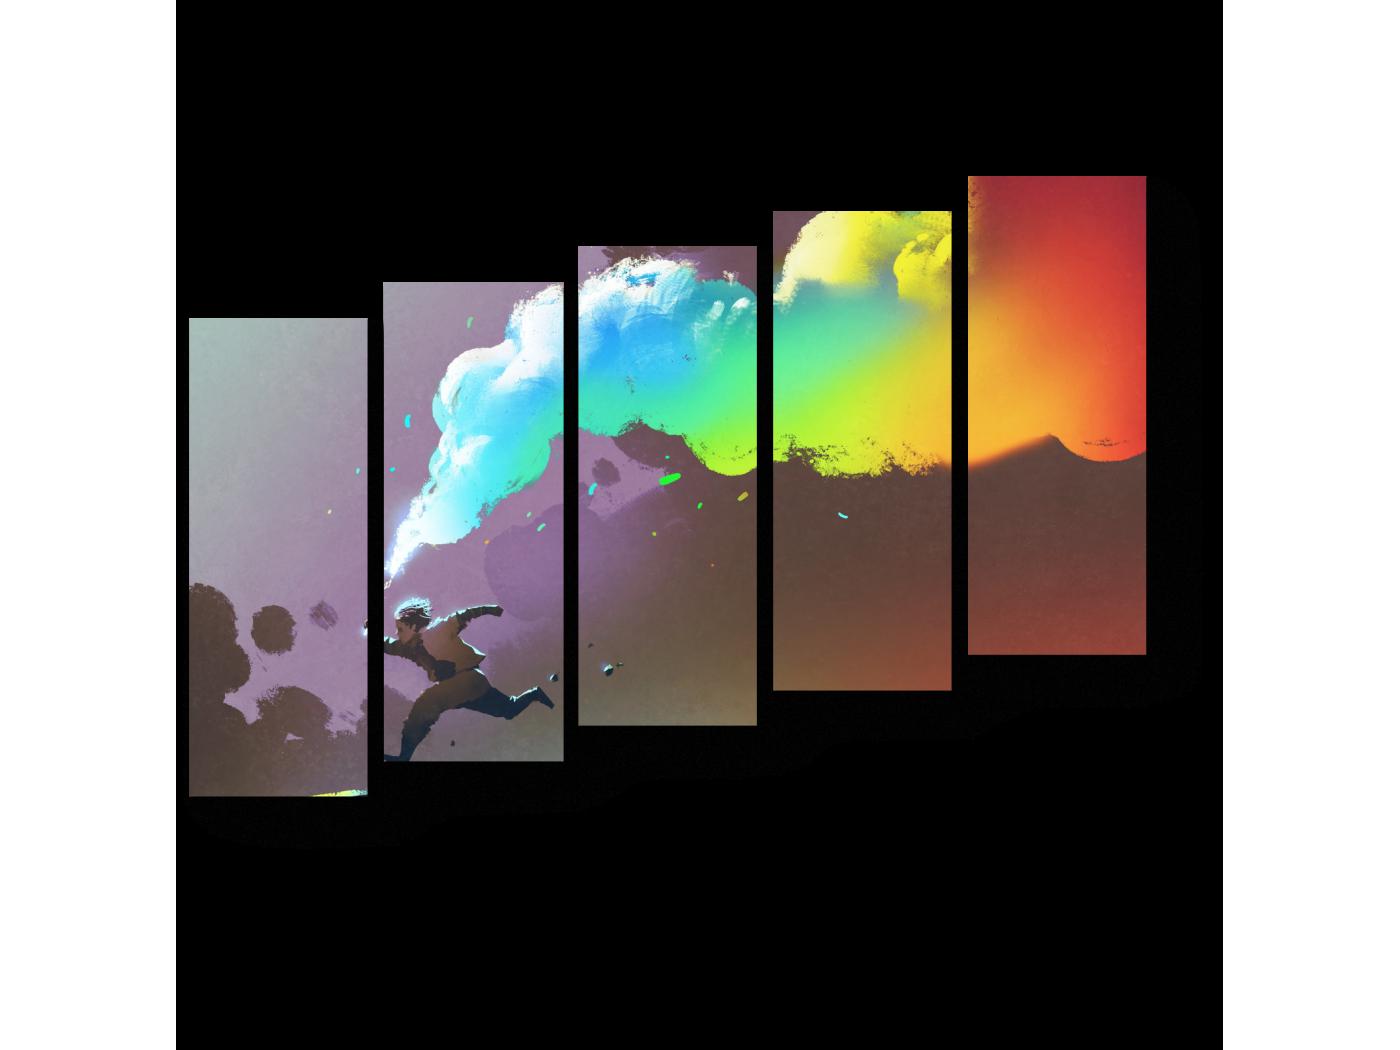 Модульная картина Разноцветный дым (90x63) фото